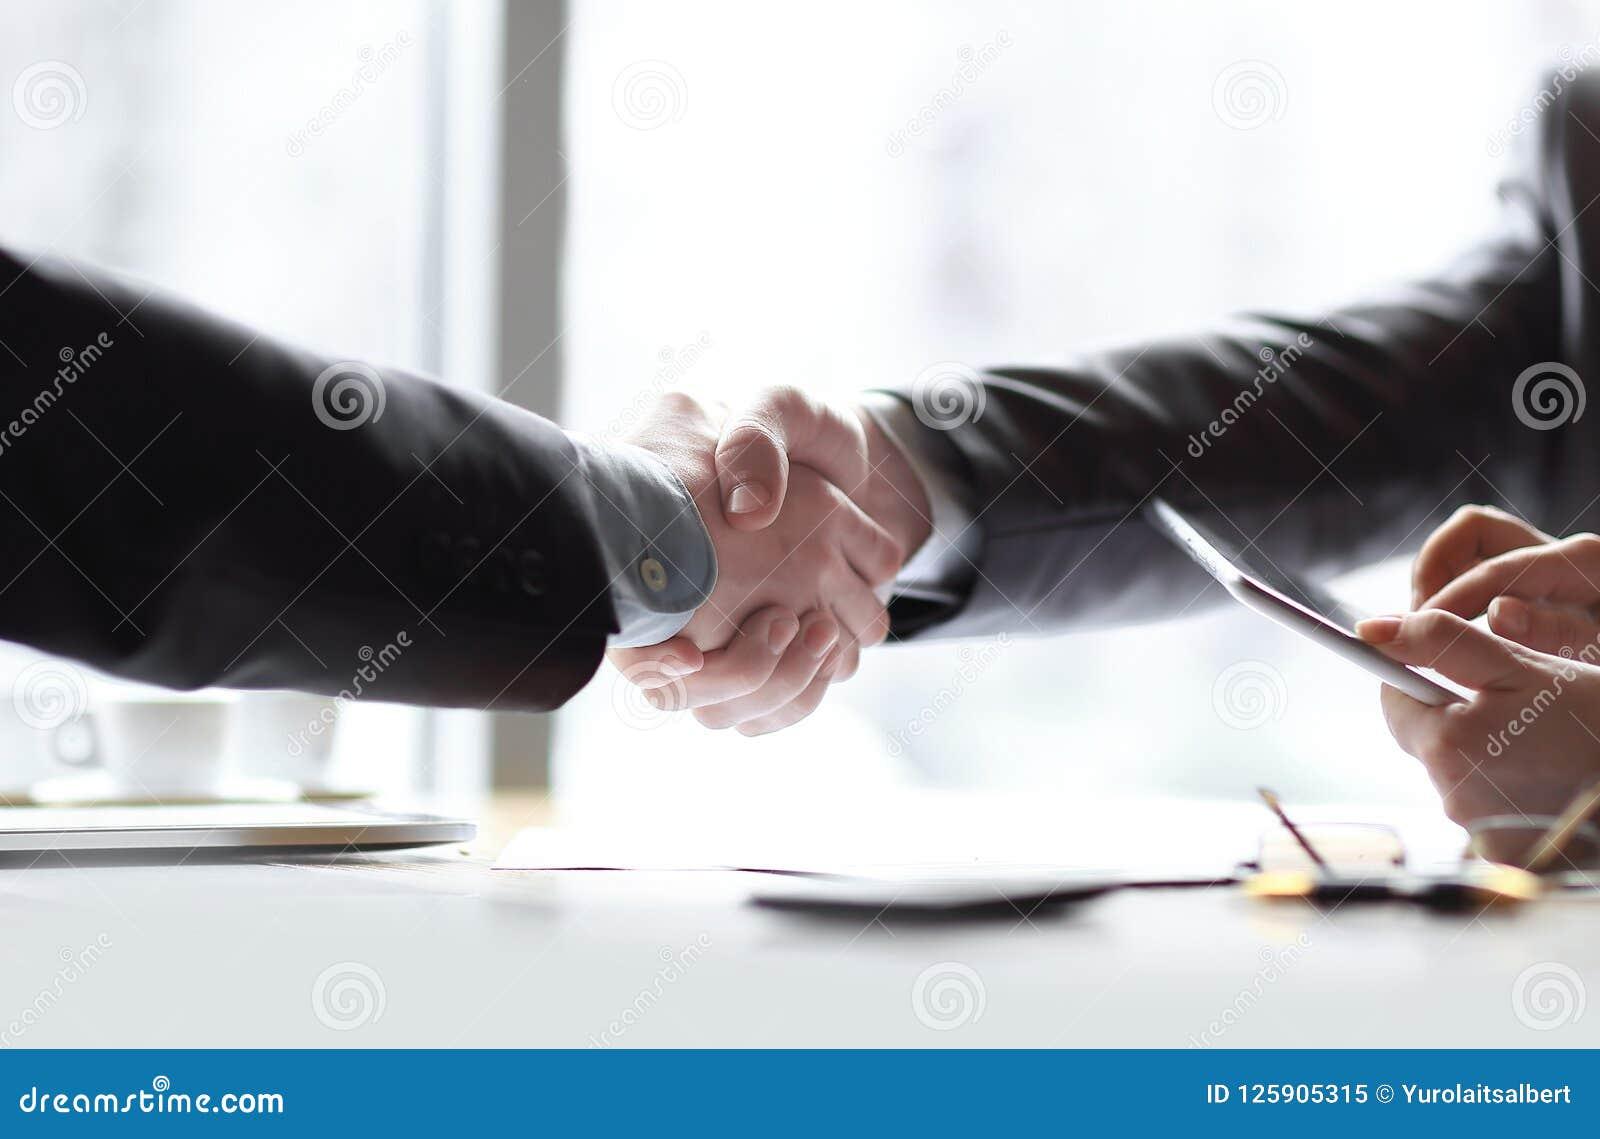 Z bliska mile widziany uścisków dłoni partnery biznesowi pojęcia prowadzenia domu posiadanie klucza złoty sięgający niebo